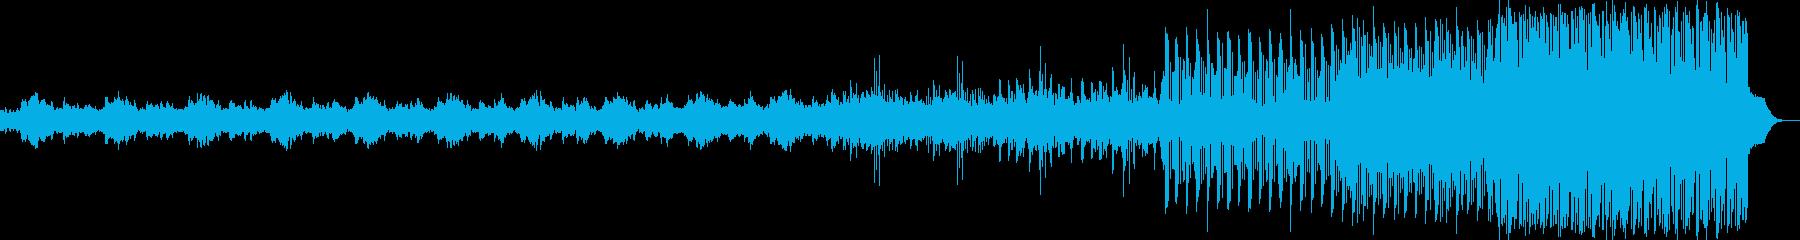 前向きな気持ちになるピアノエレクトロニカの再生済みの波形